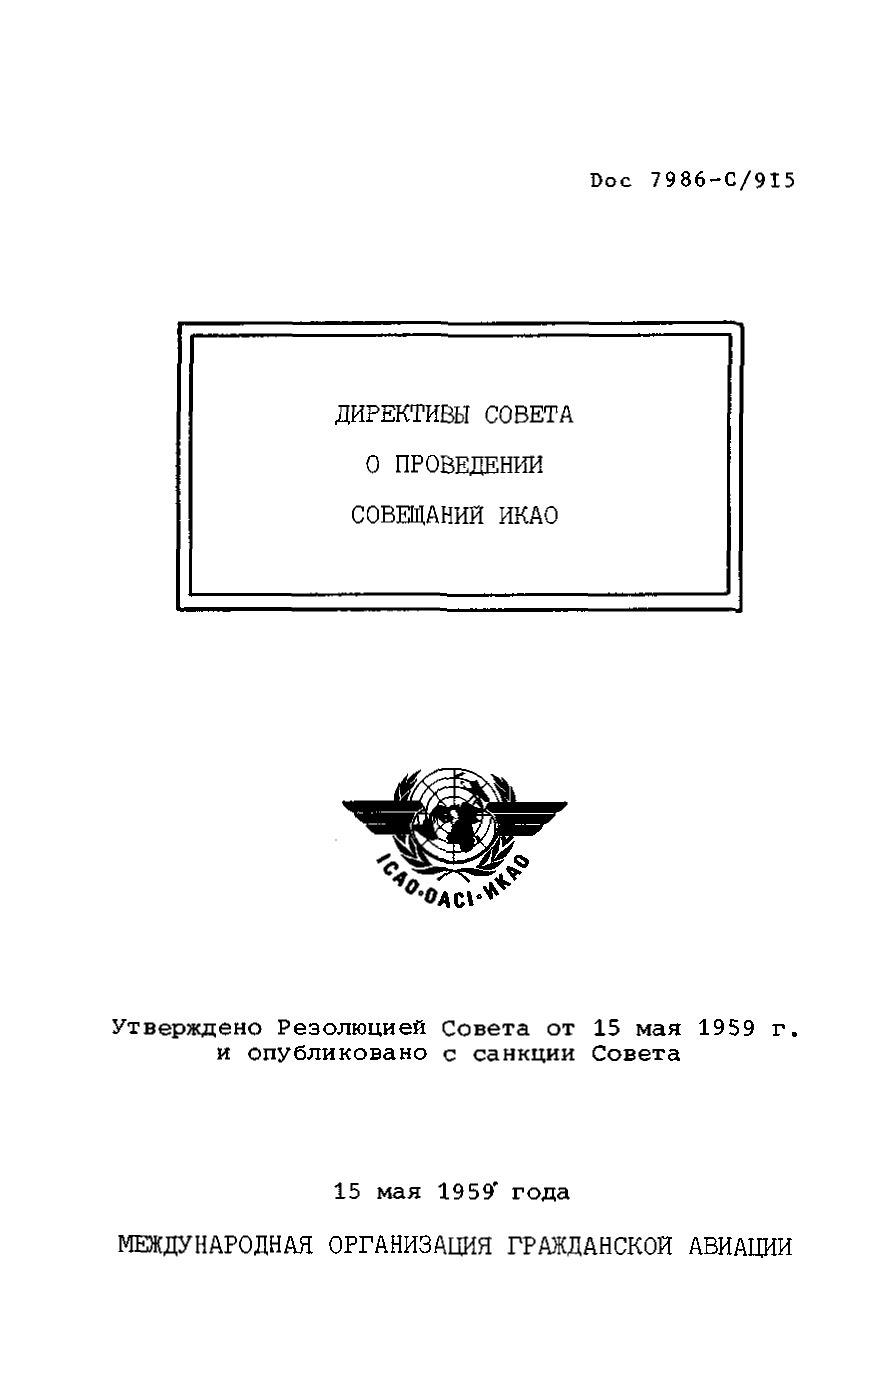 ICAO Doc 7986 Директивы Совета о проведении совещаний ИКАО